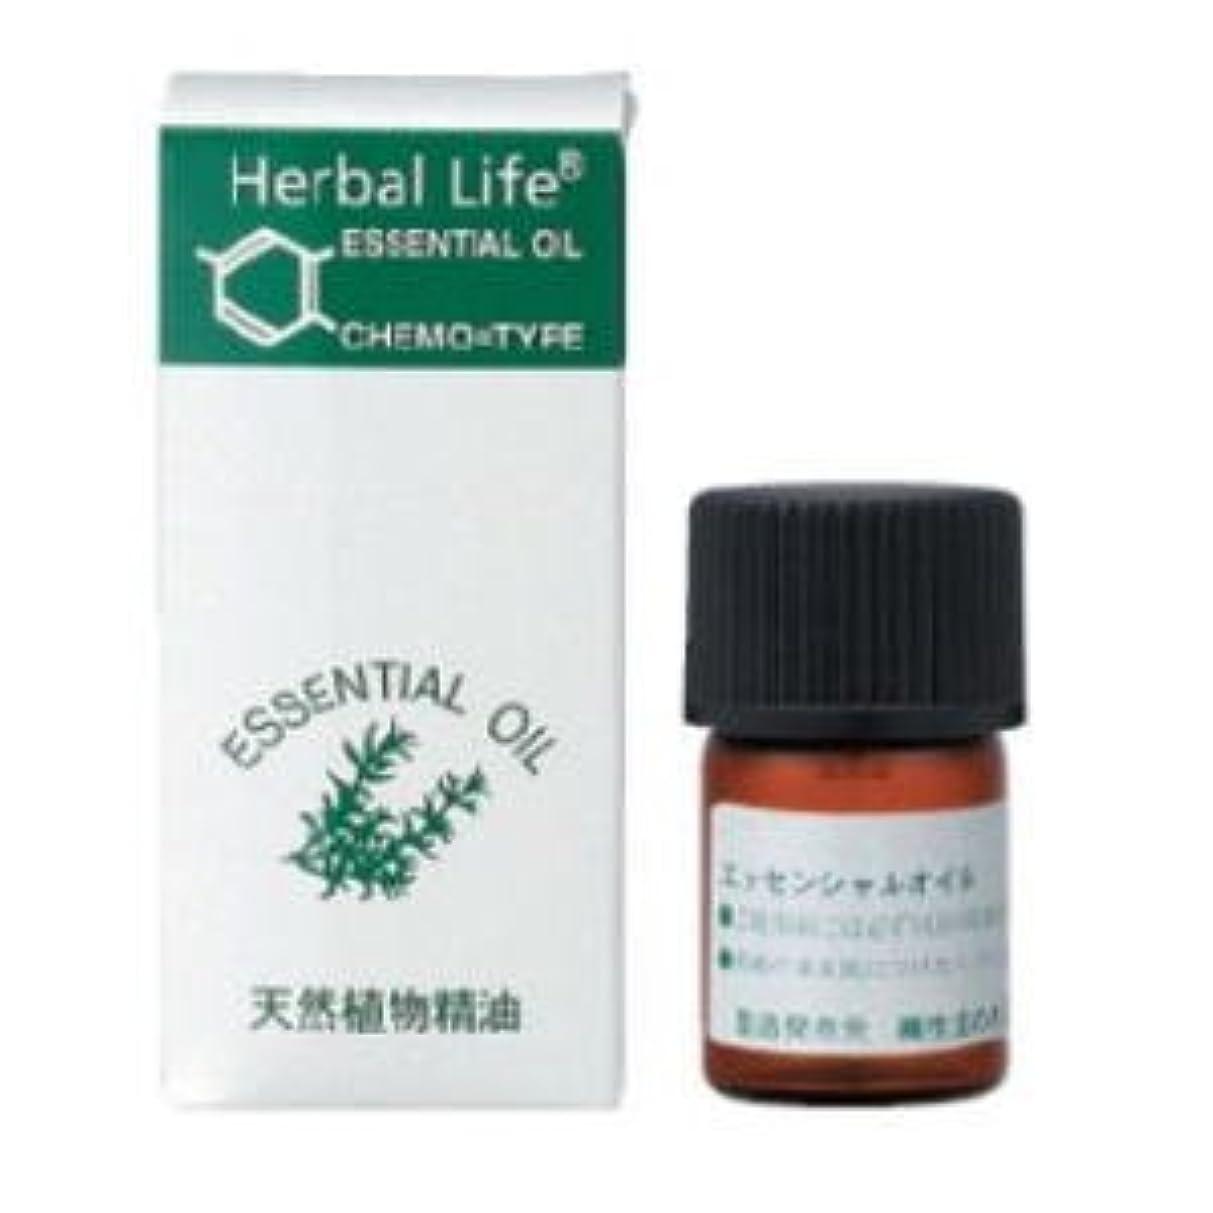 コンドーム自動化商業の生活の木 トンカビーンズAbs.3ml エッセンシャルオイル/精油